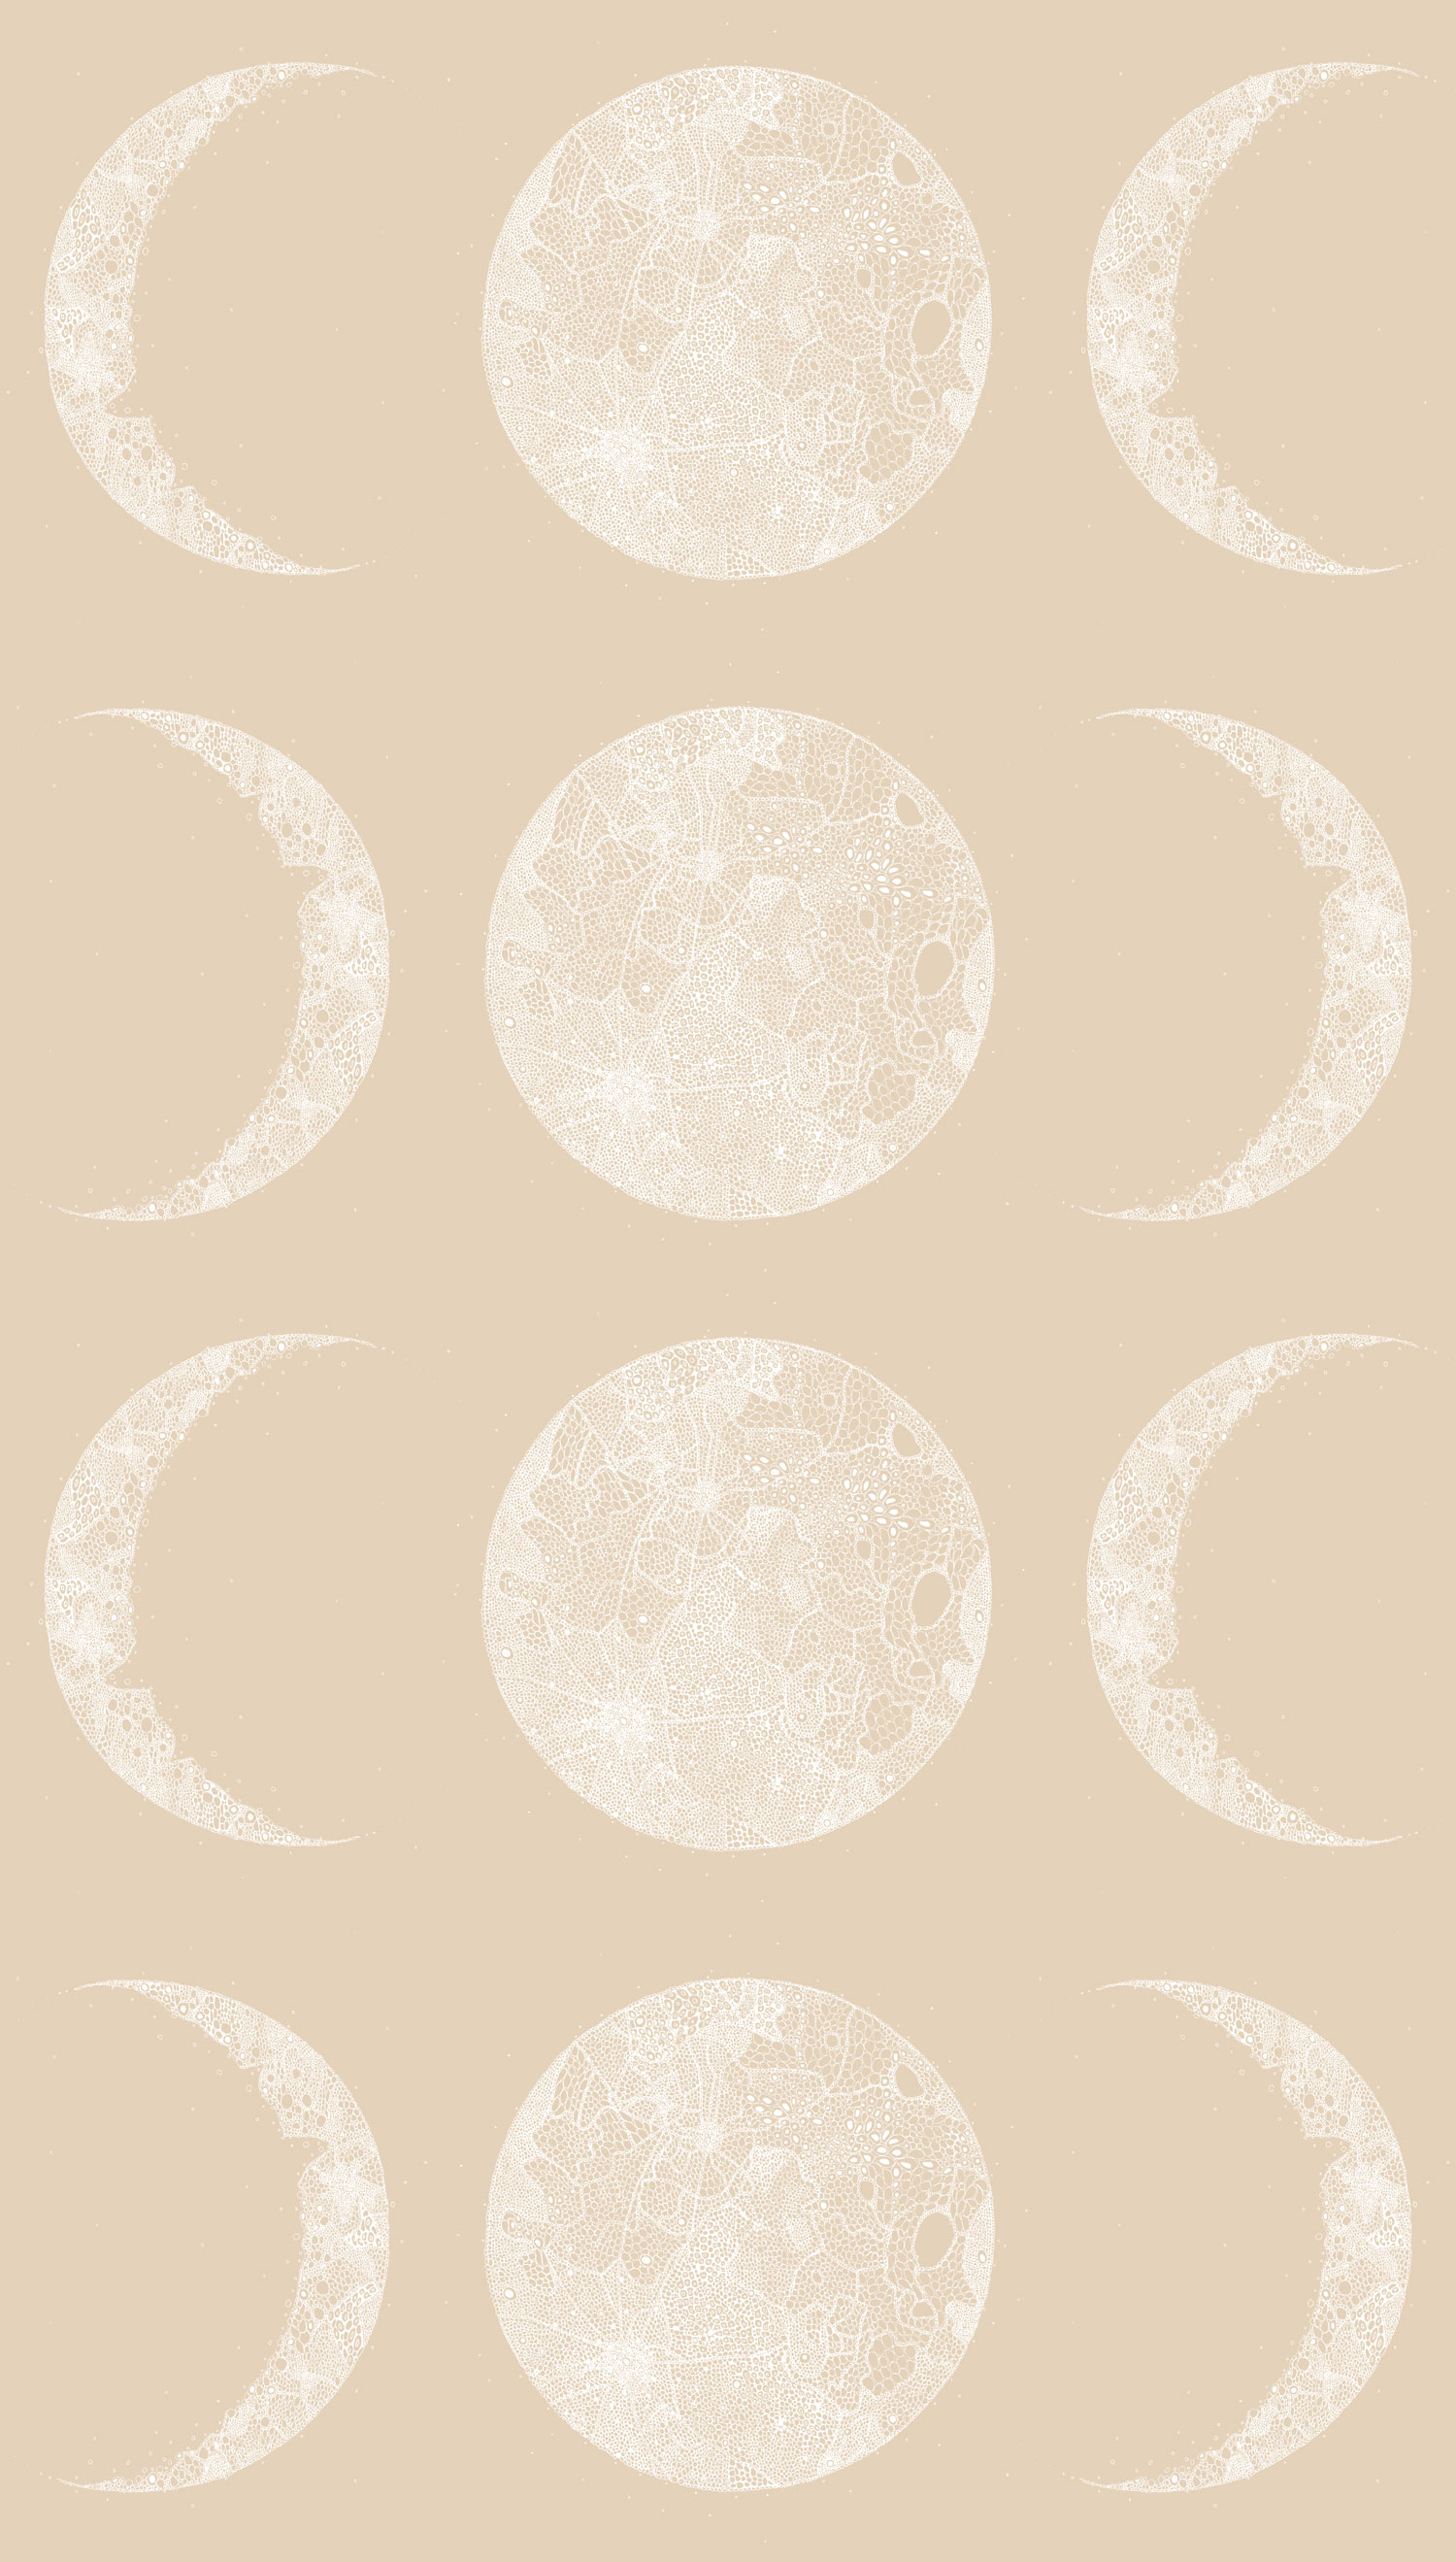 moon_crescent_full_sand.jpg